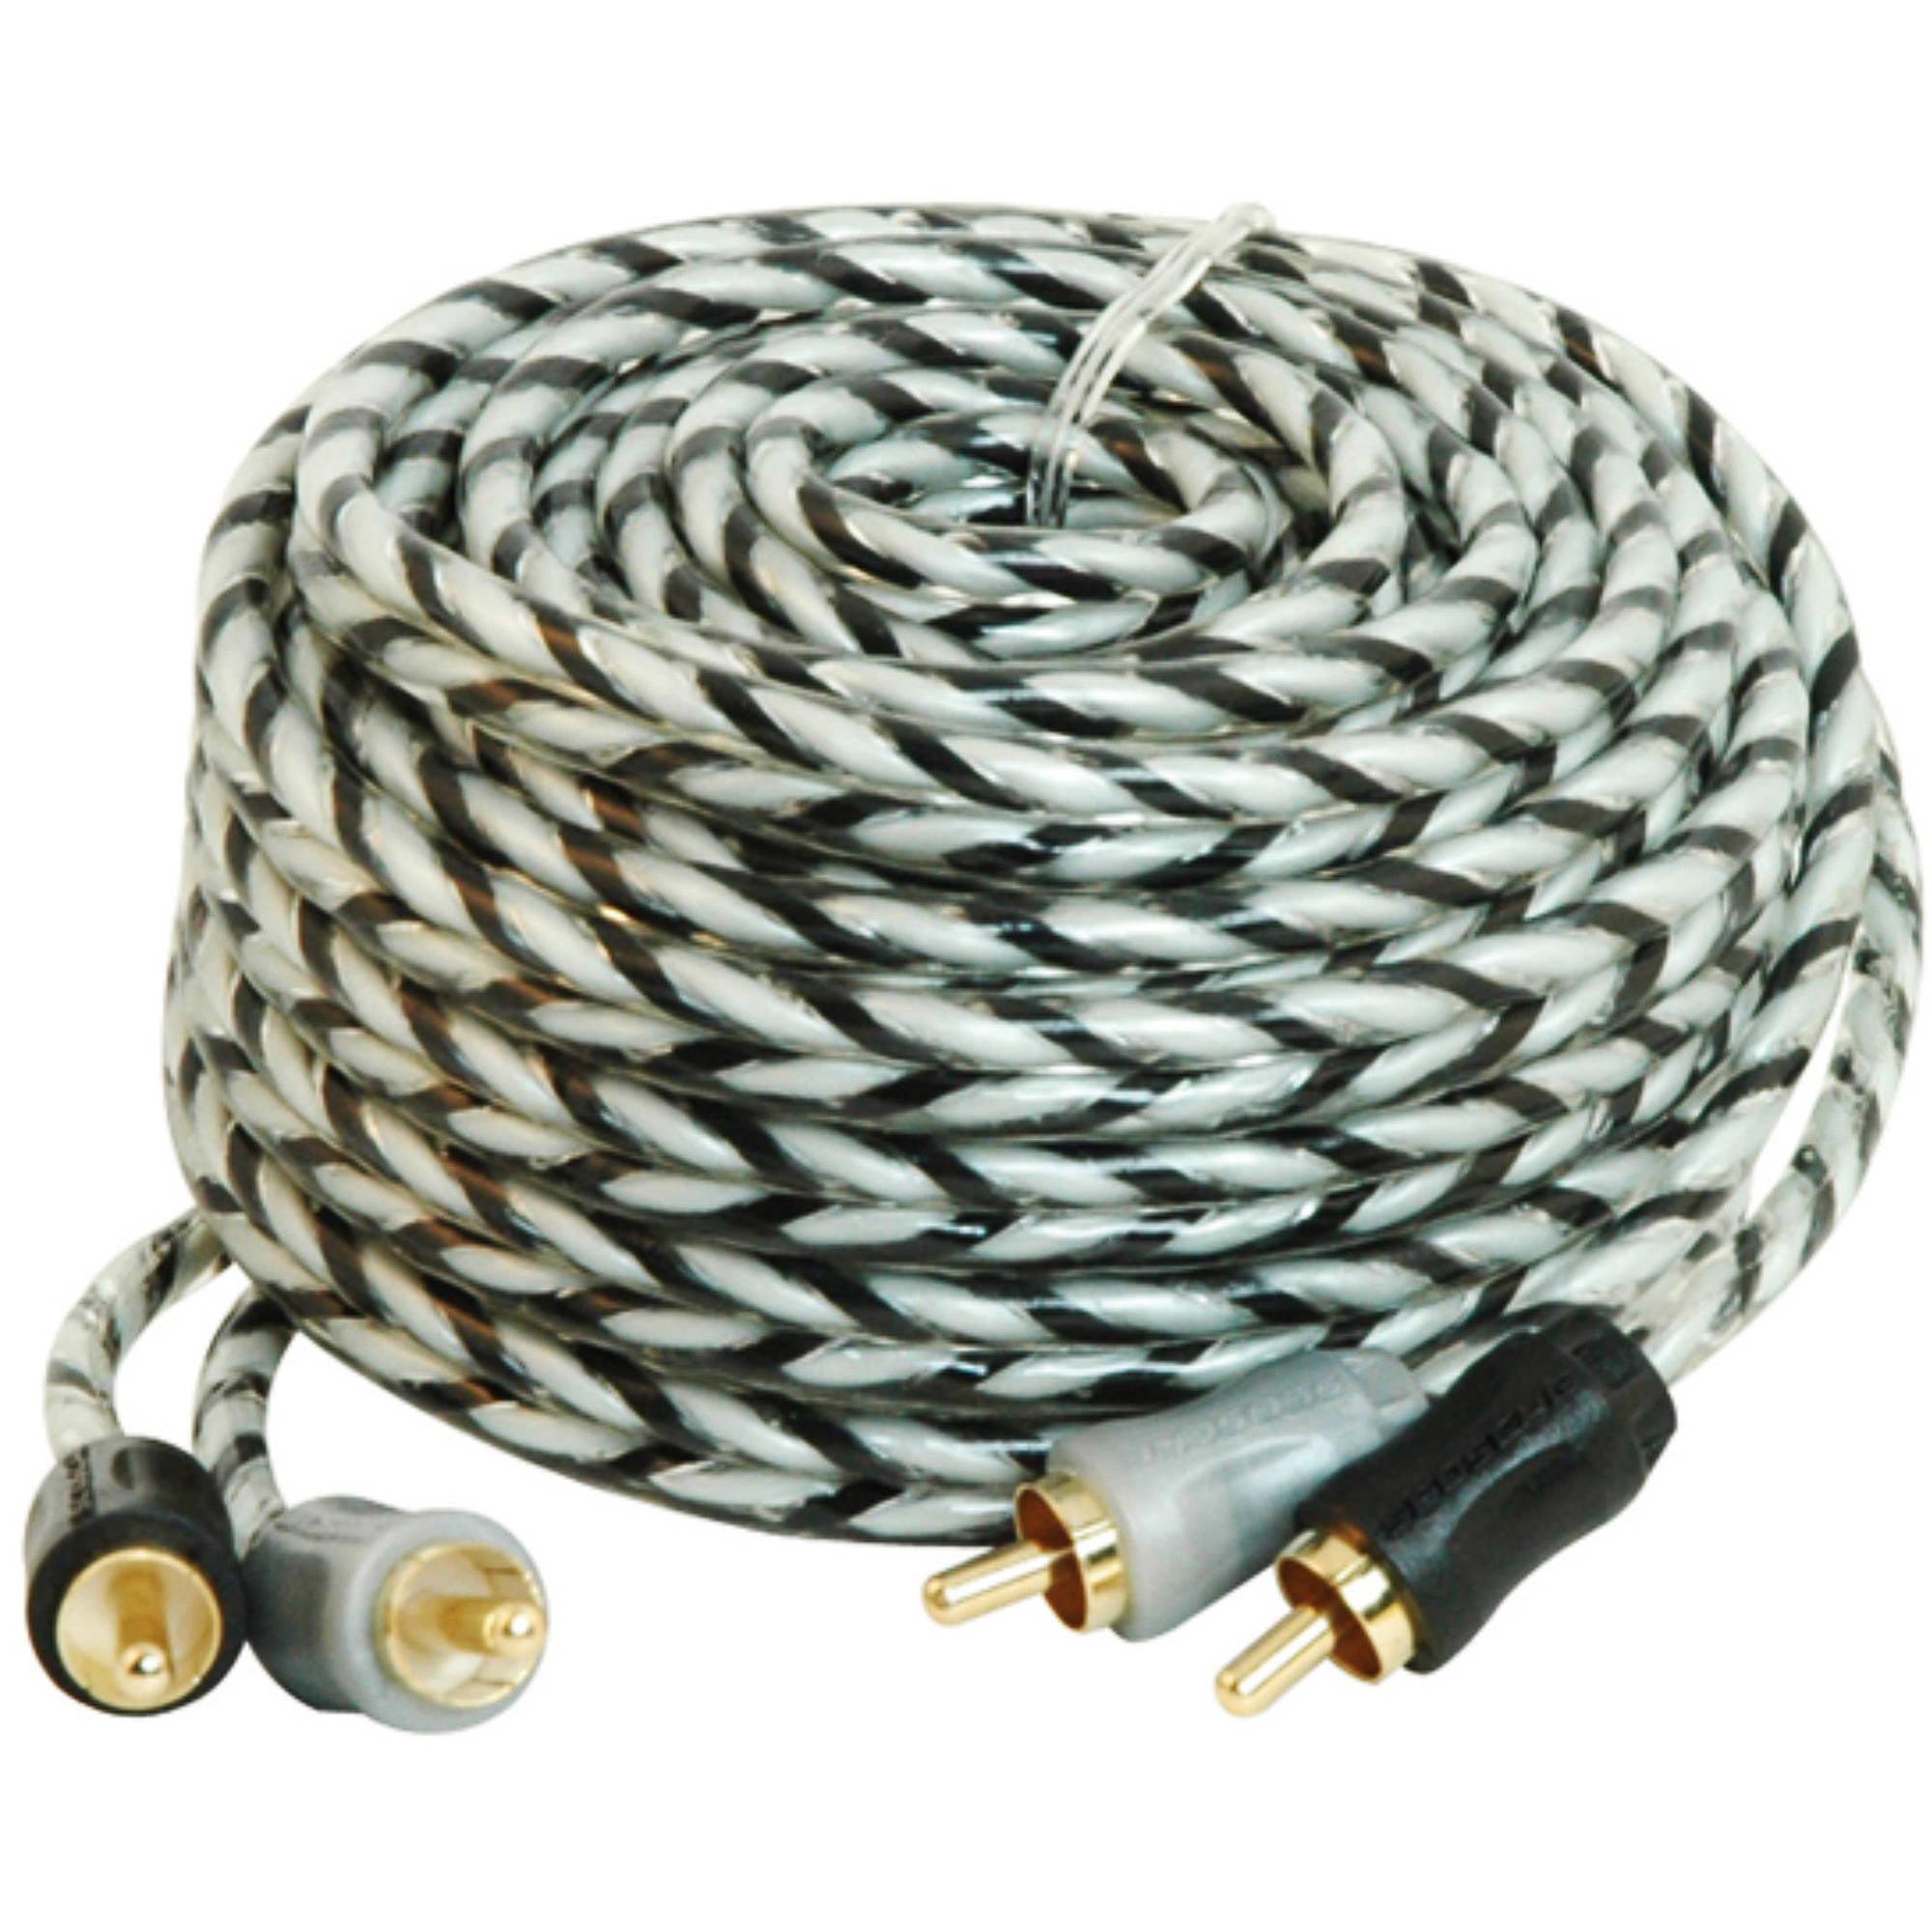 Scosche 12' RCA Audio Cable